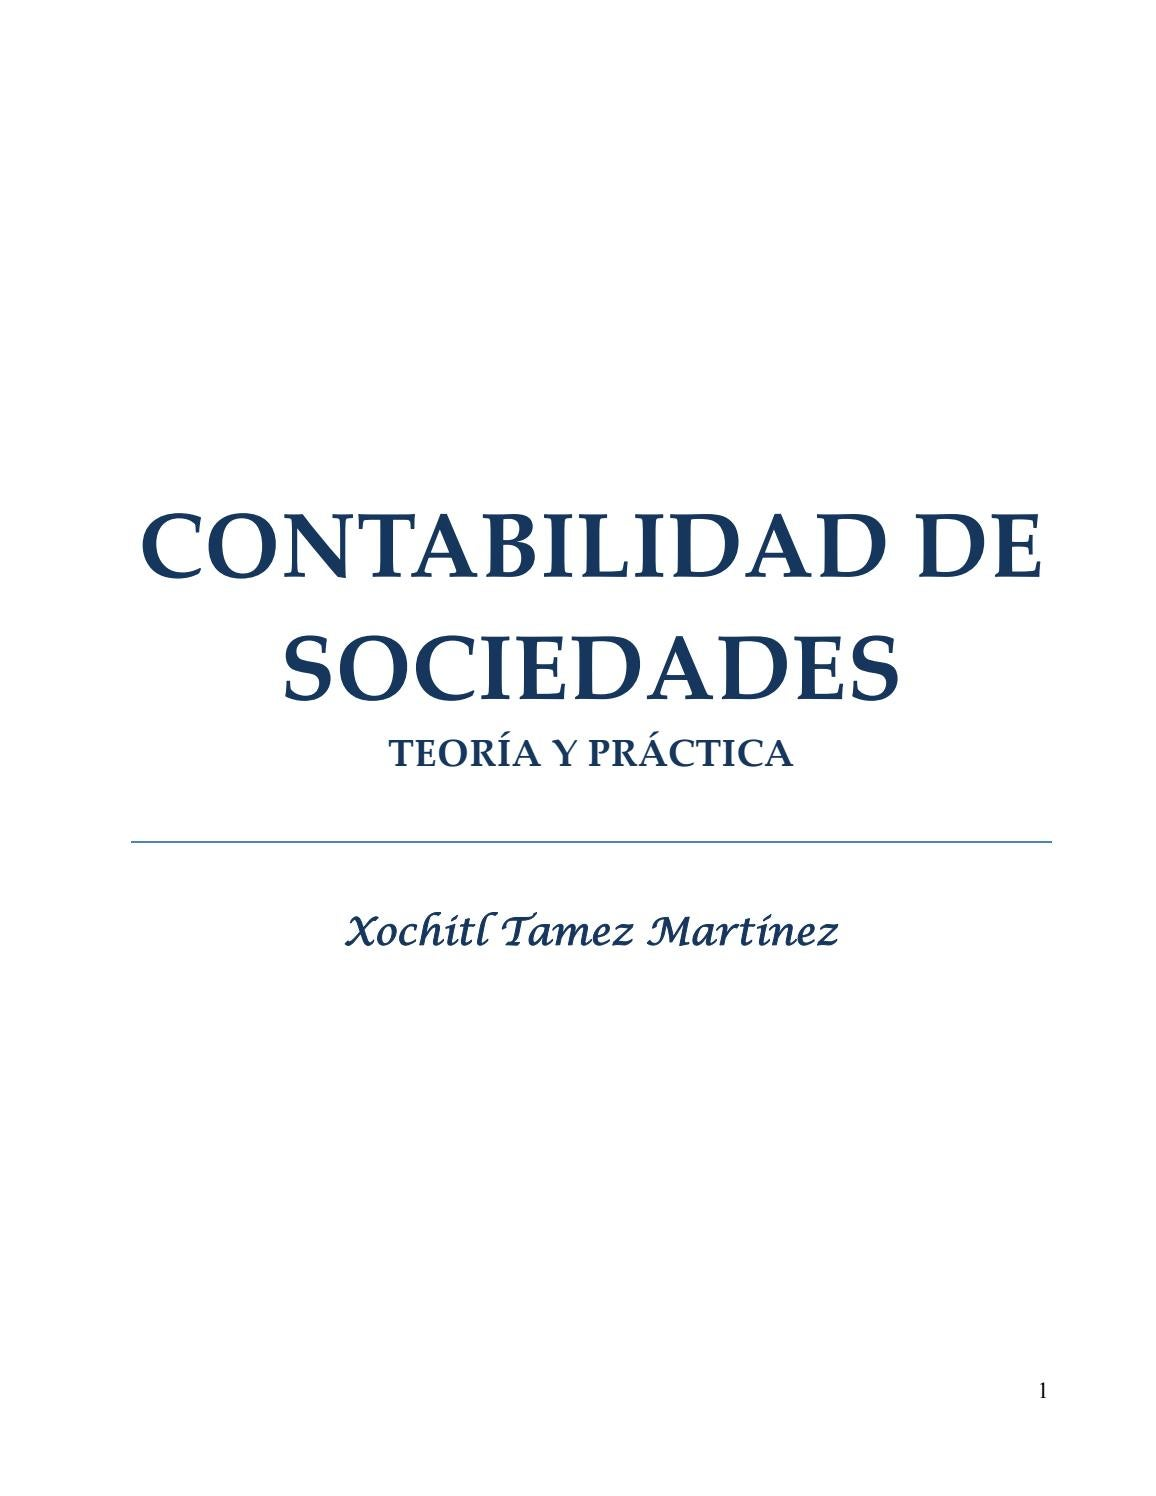 Libro contabilidad de sociedades by Marvin Enrique Soto Alvarado ...